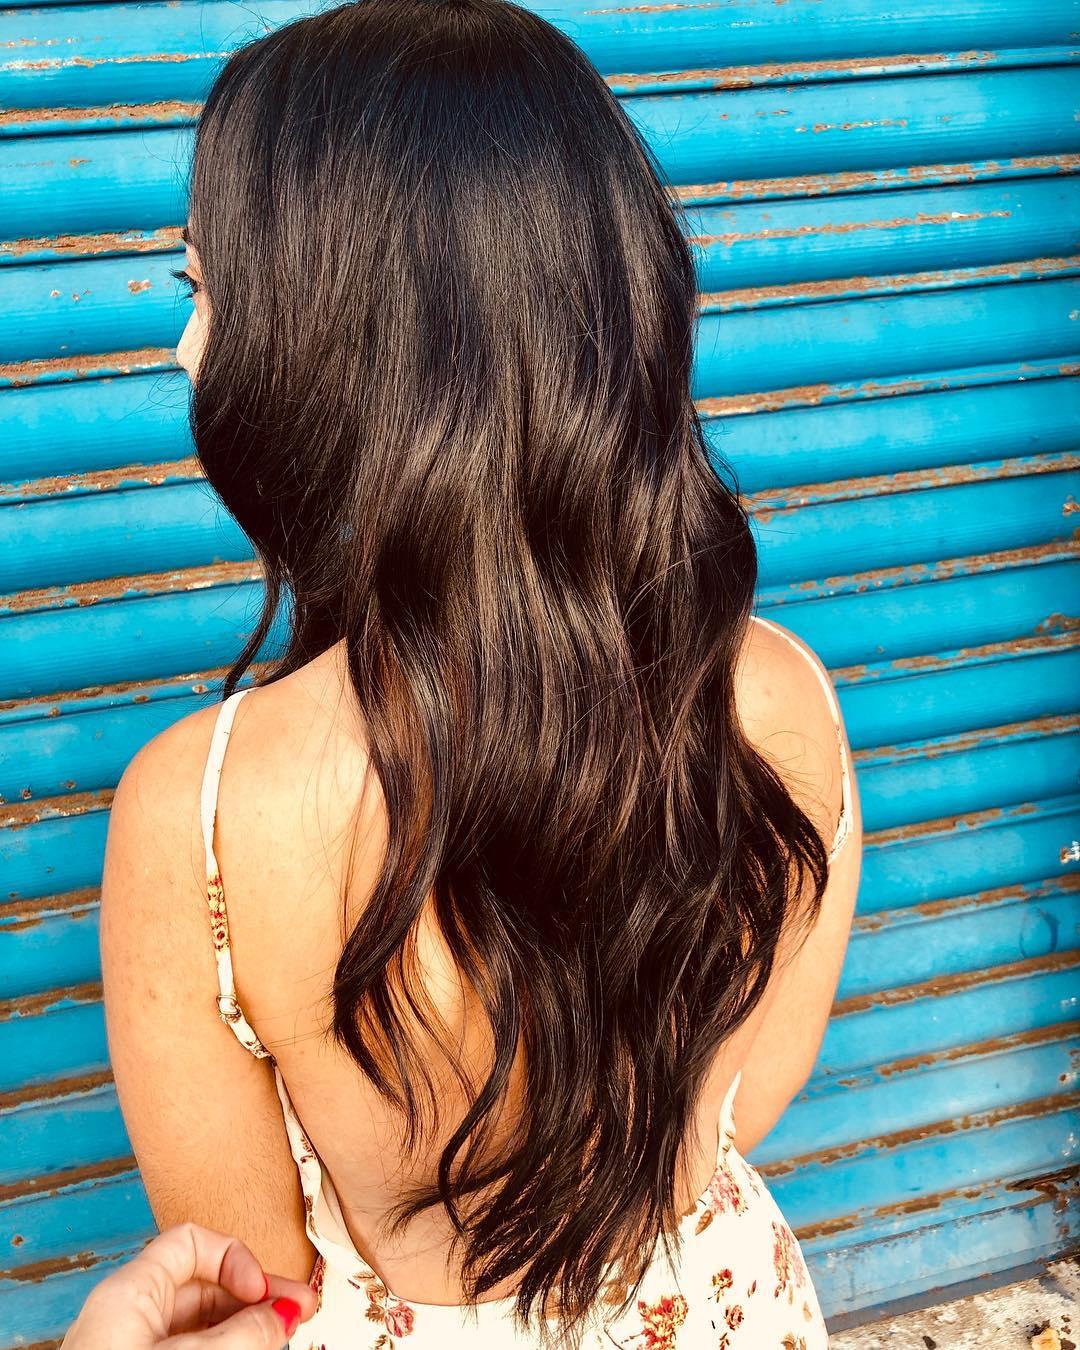 Penteados-longos-Idéias-de-penteados-longos,-dicas,-fotos-e-inspiração